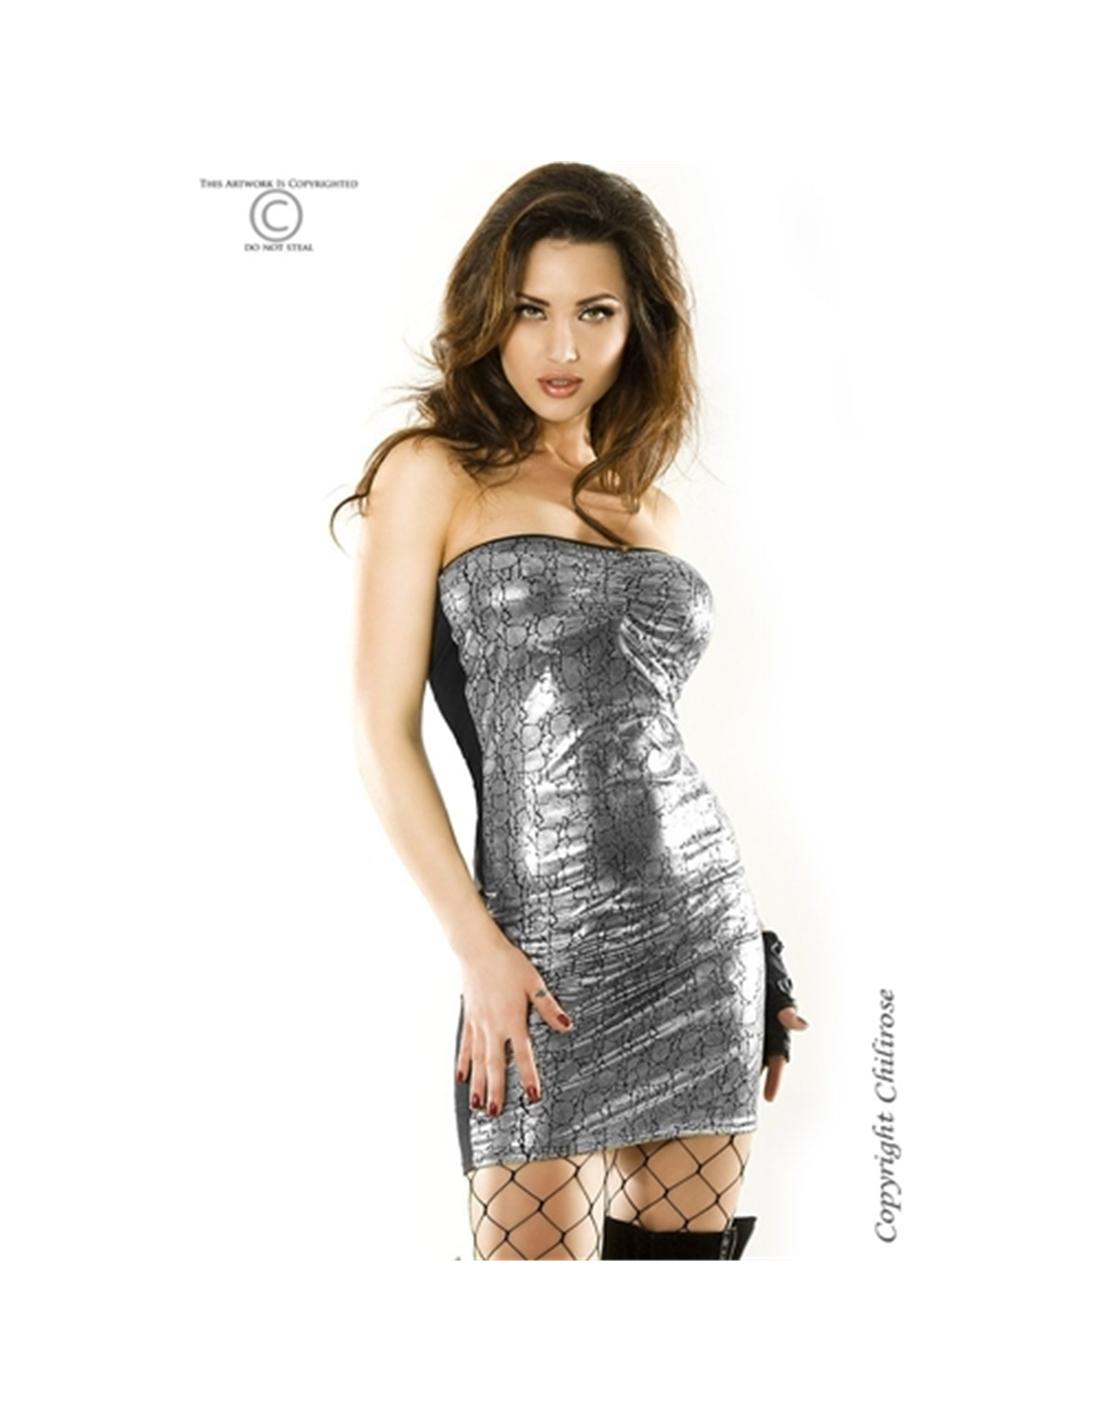 Vestido Cr-3348 Prateado - 36-38 S/M - PR2010319233